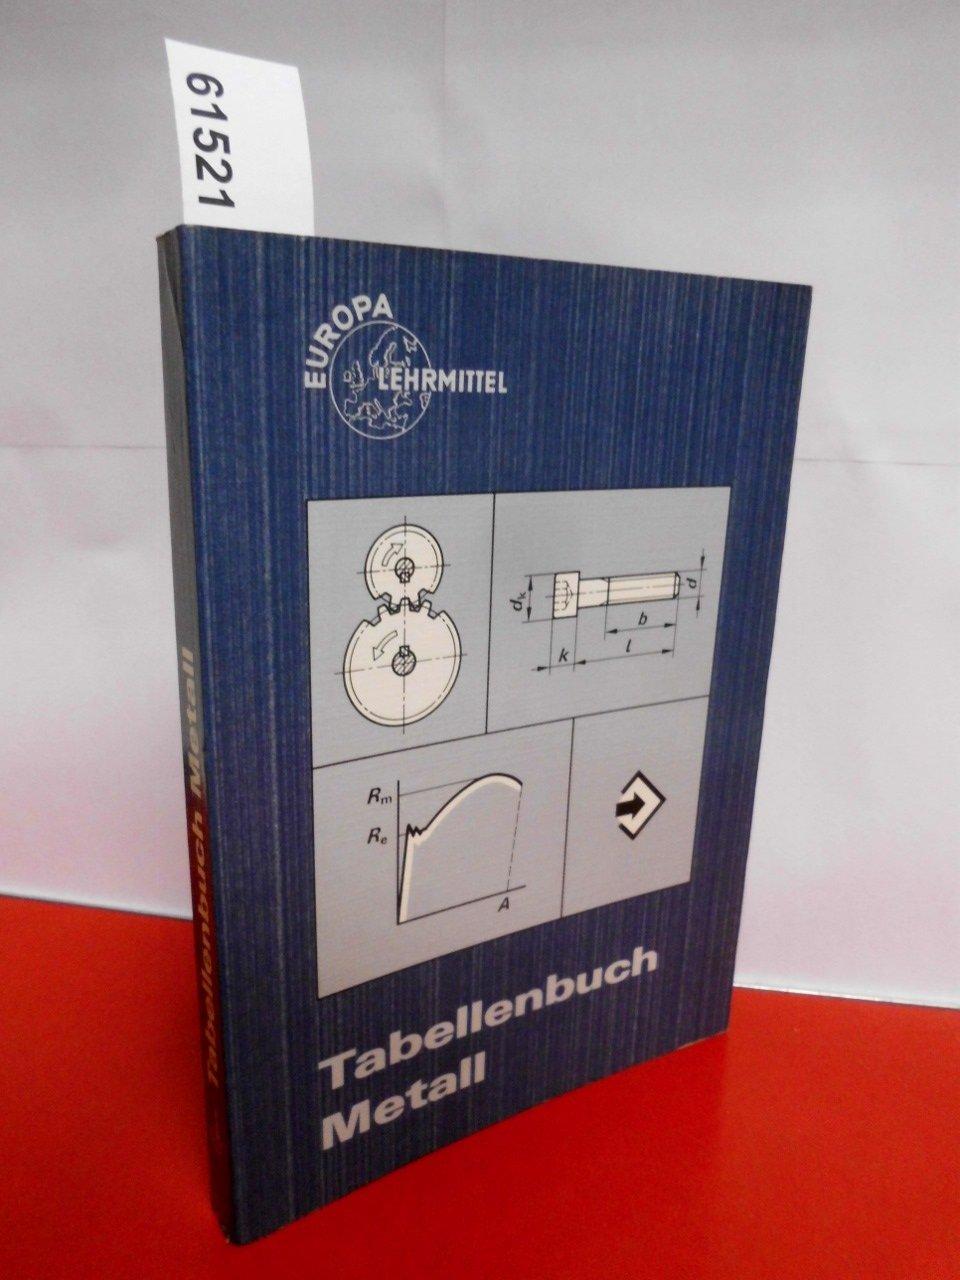 Tabellenbuch Metall (ohne Formelsammlung). Tabellen, Formeln und Normen für das Rechnen, Zeichnen und Fertigen